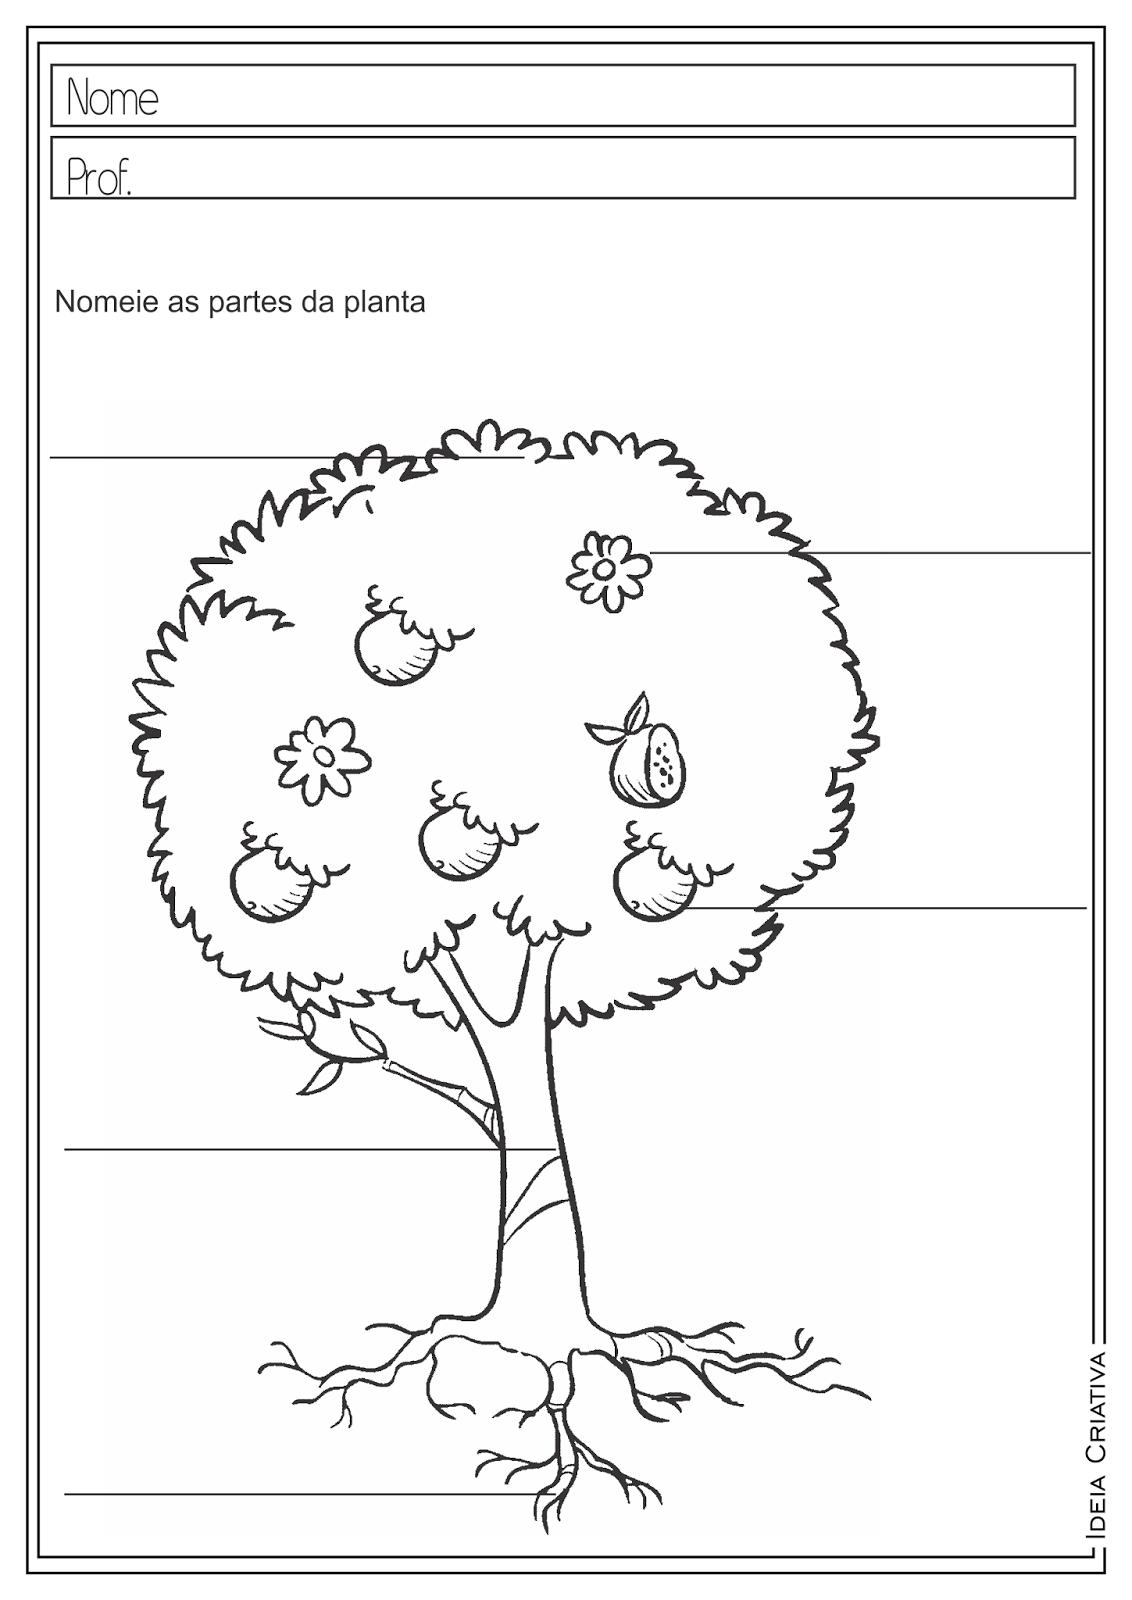 Atividades Educativas Partes das Plantas Ciências Dia da Árvore para Ensino Fundamental